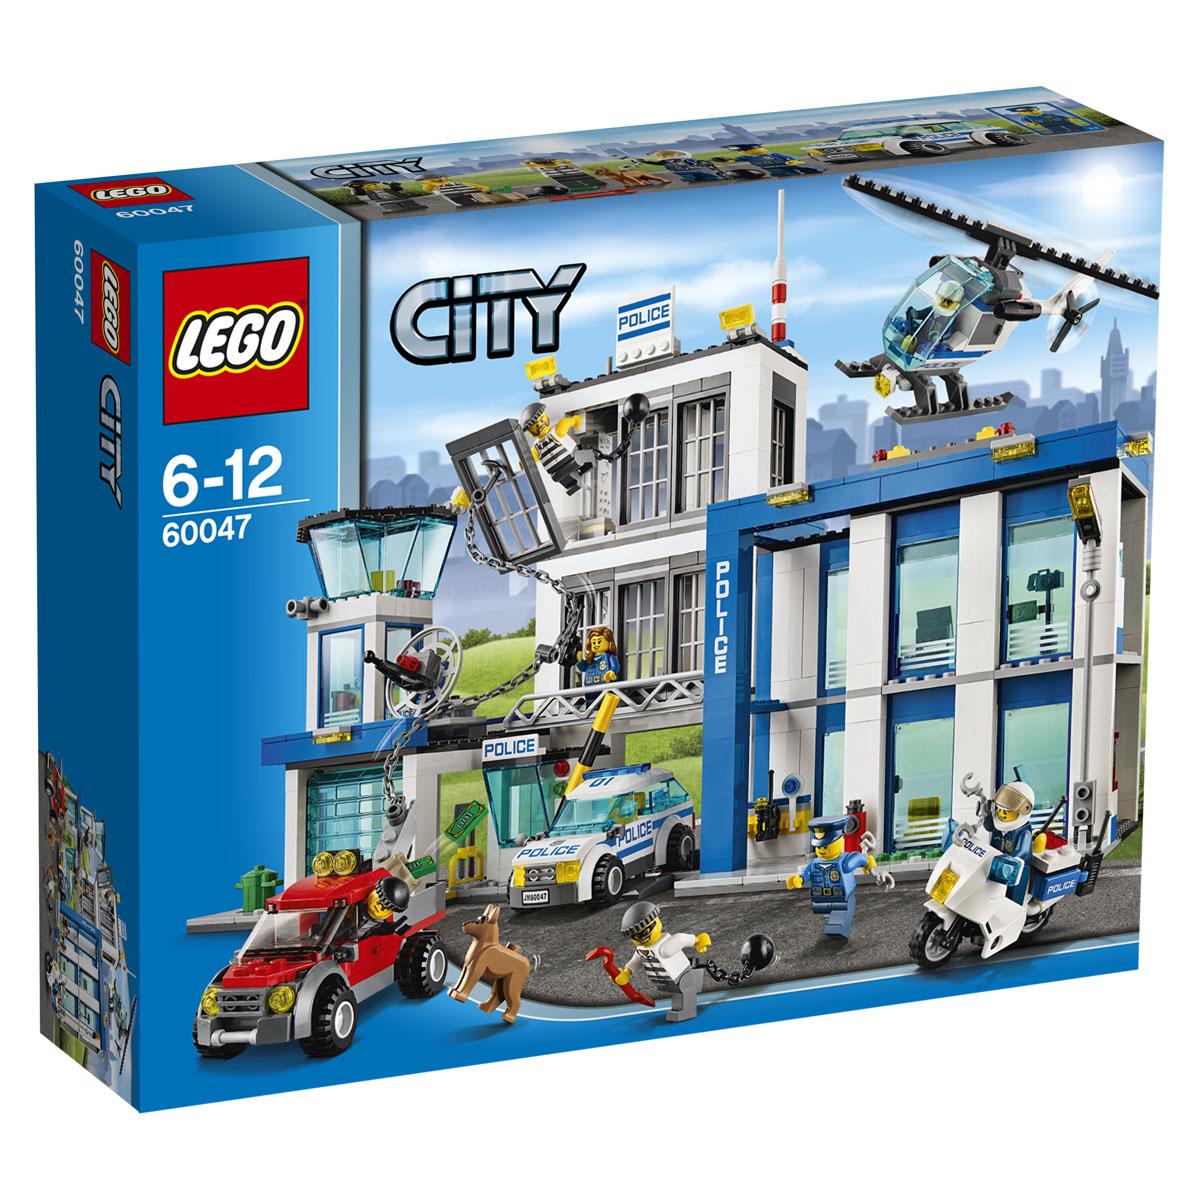 LEGO City Конструктор Полицейский участок 60047